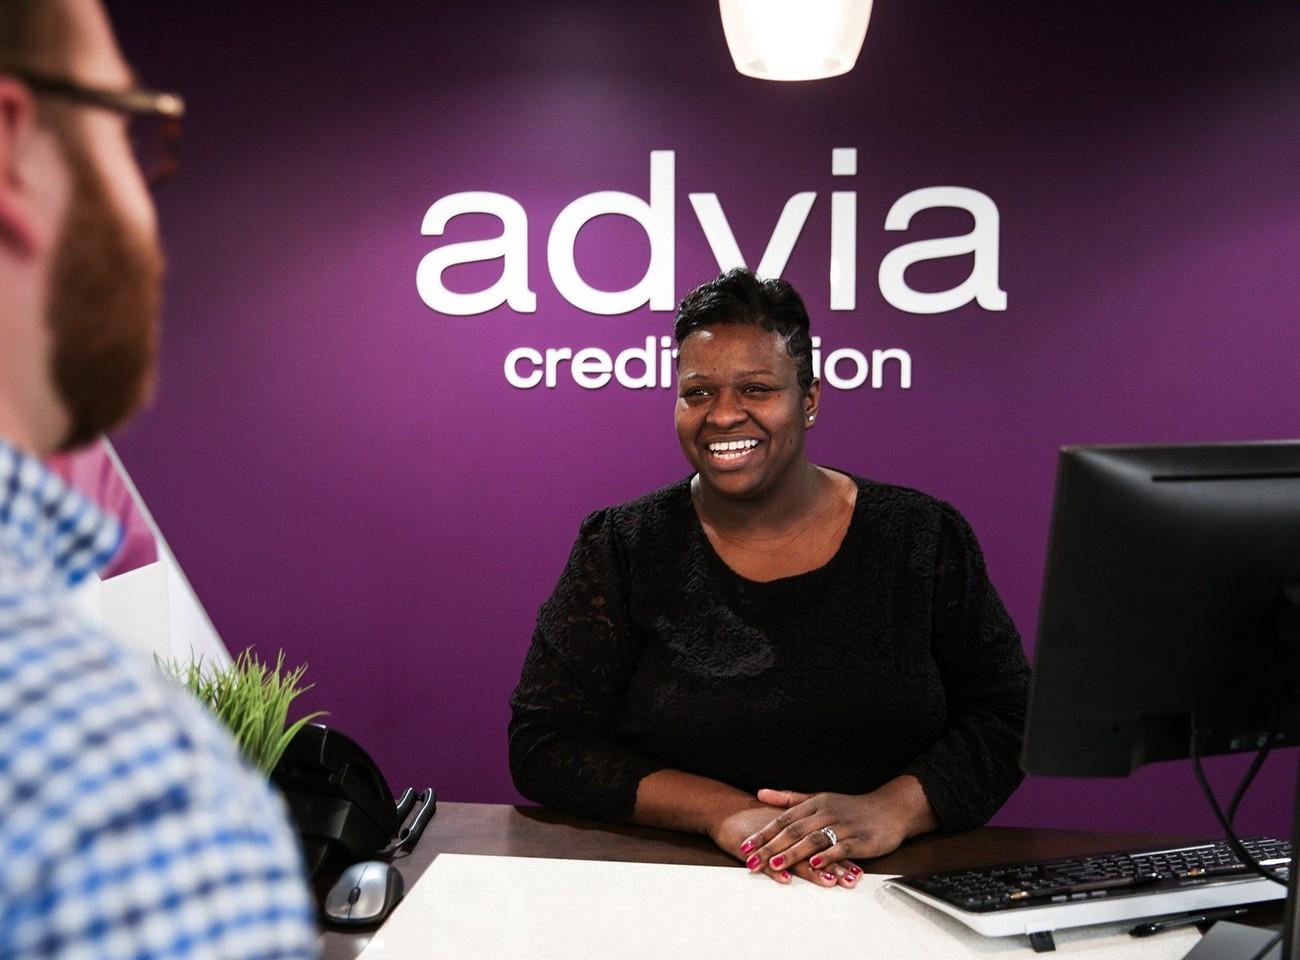 Advia Credit Union Careers